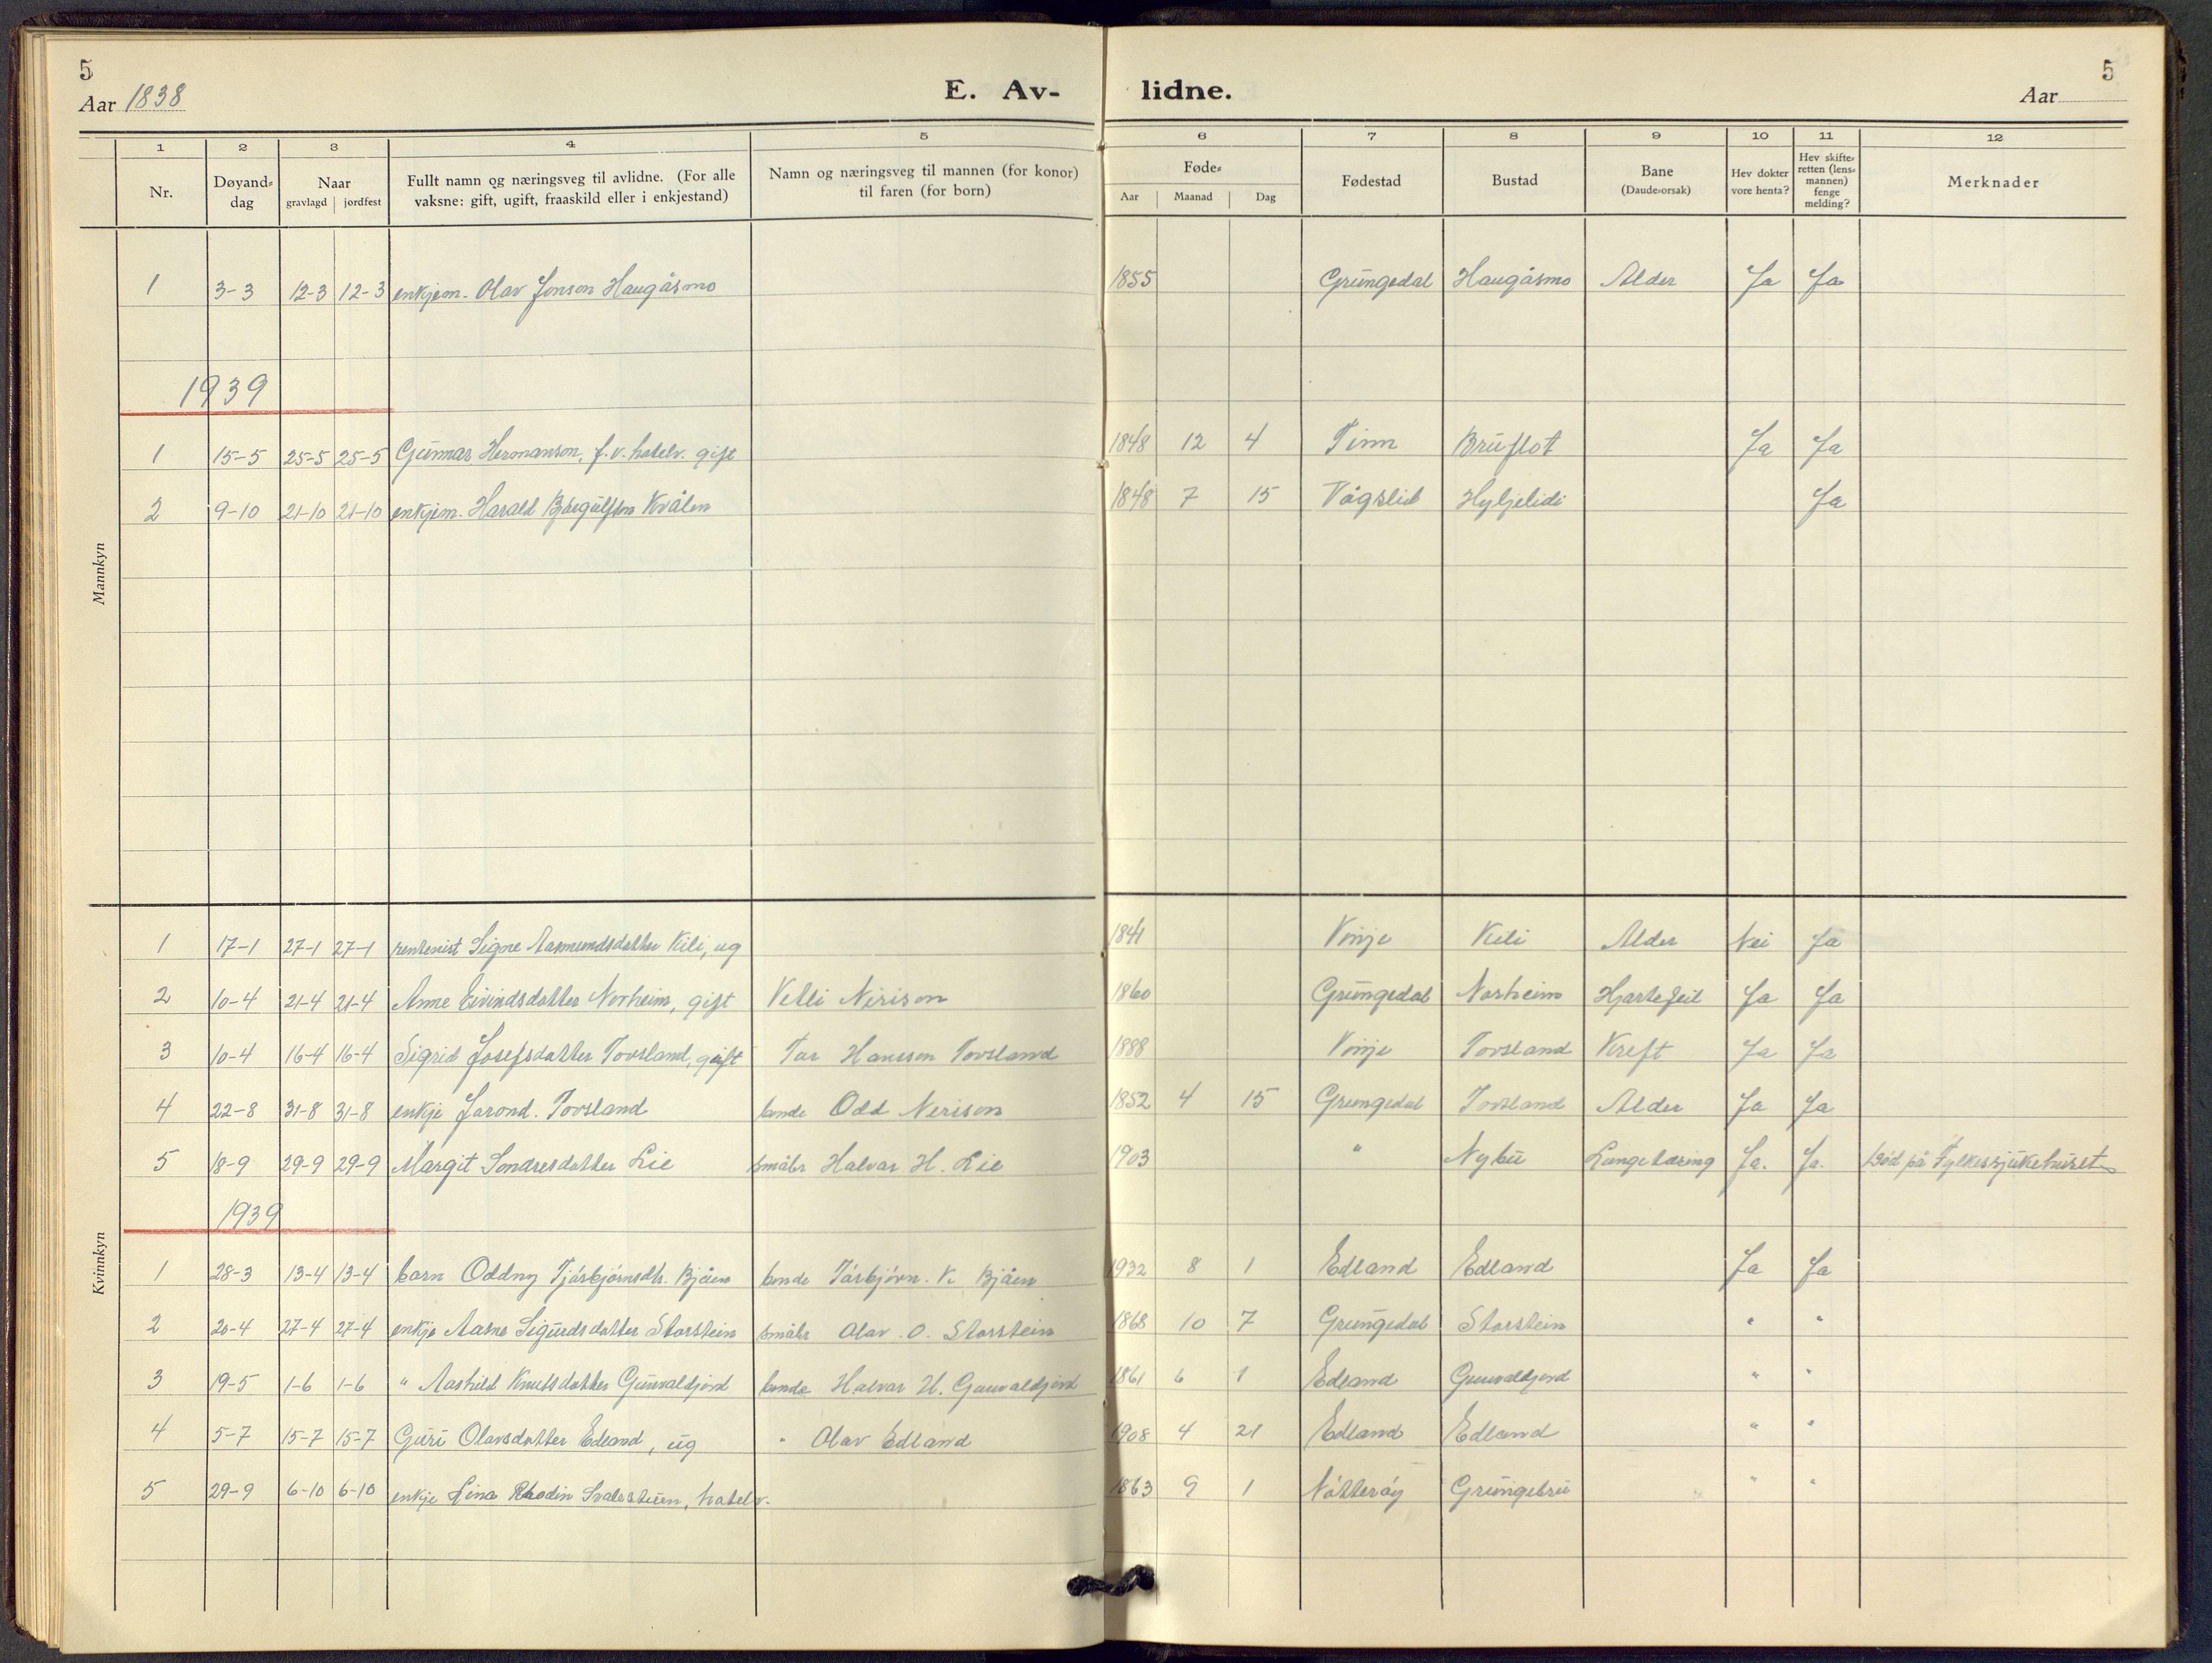 SAKO, Vinje kirkebøker, F/Fc/L0001: Ministerialbok nr. III 1, 1921-1943, s. 5